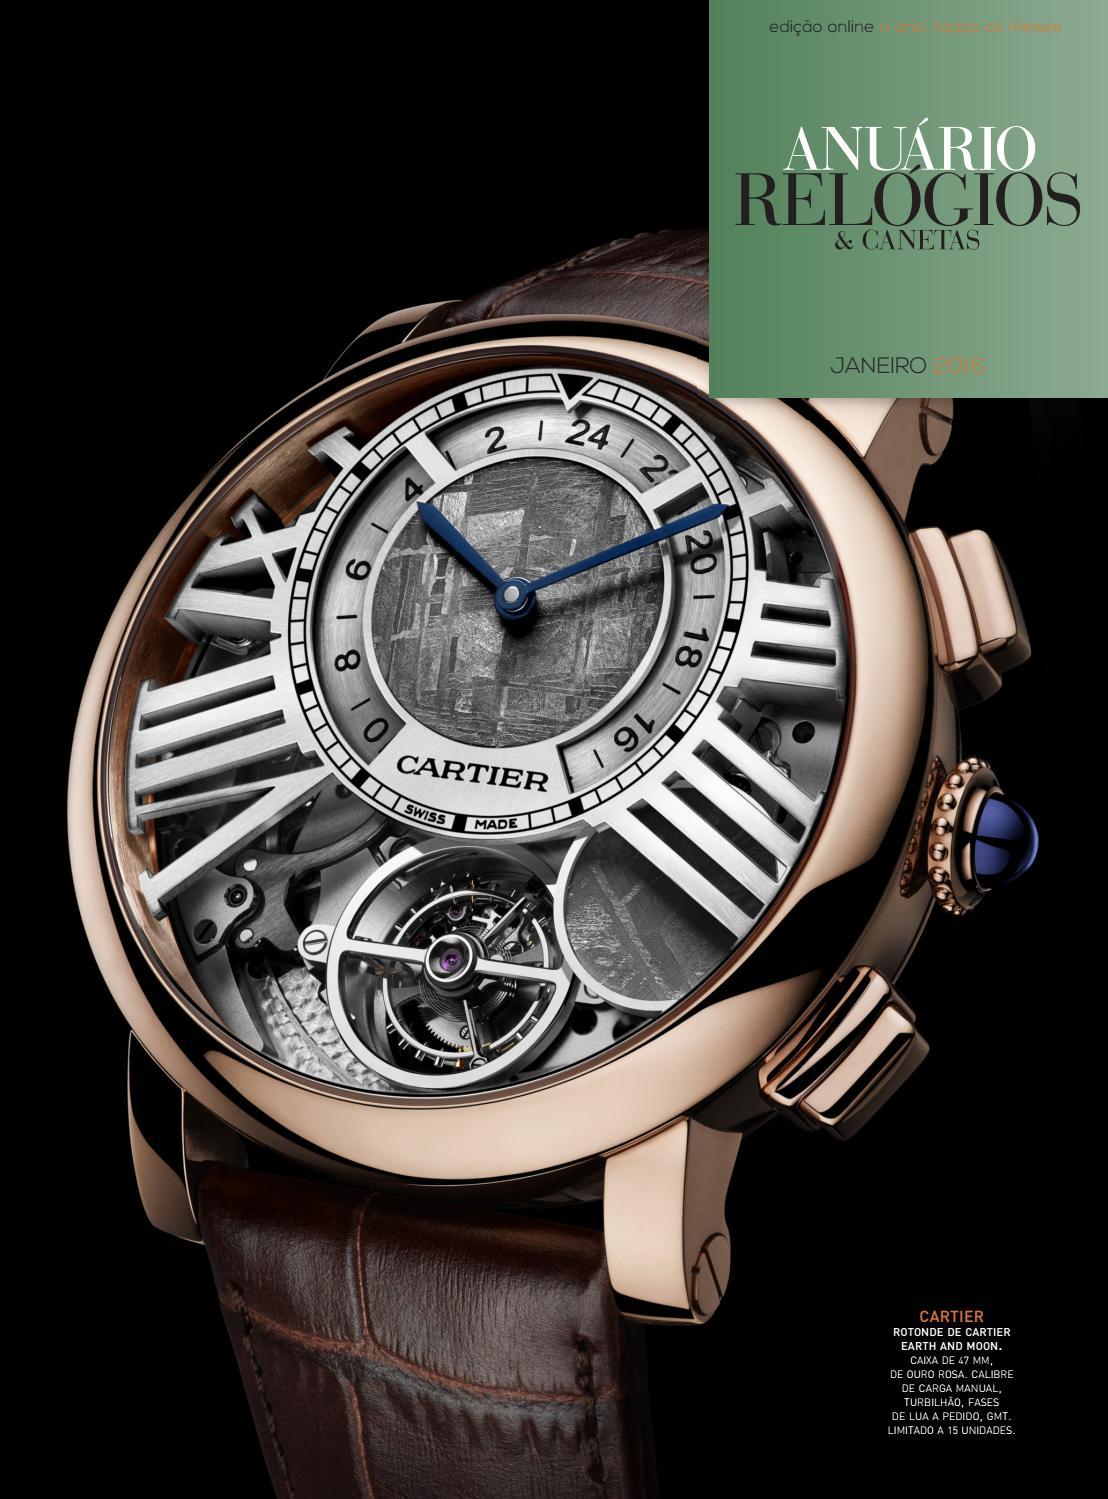 7dddd573ba0 Anuário Relógios   Canetas - Janeiro 2016 by Anuário Relógios   Canetas -  issuu